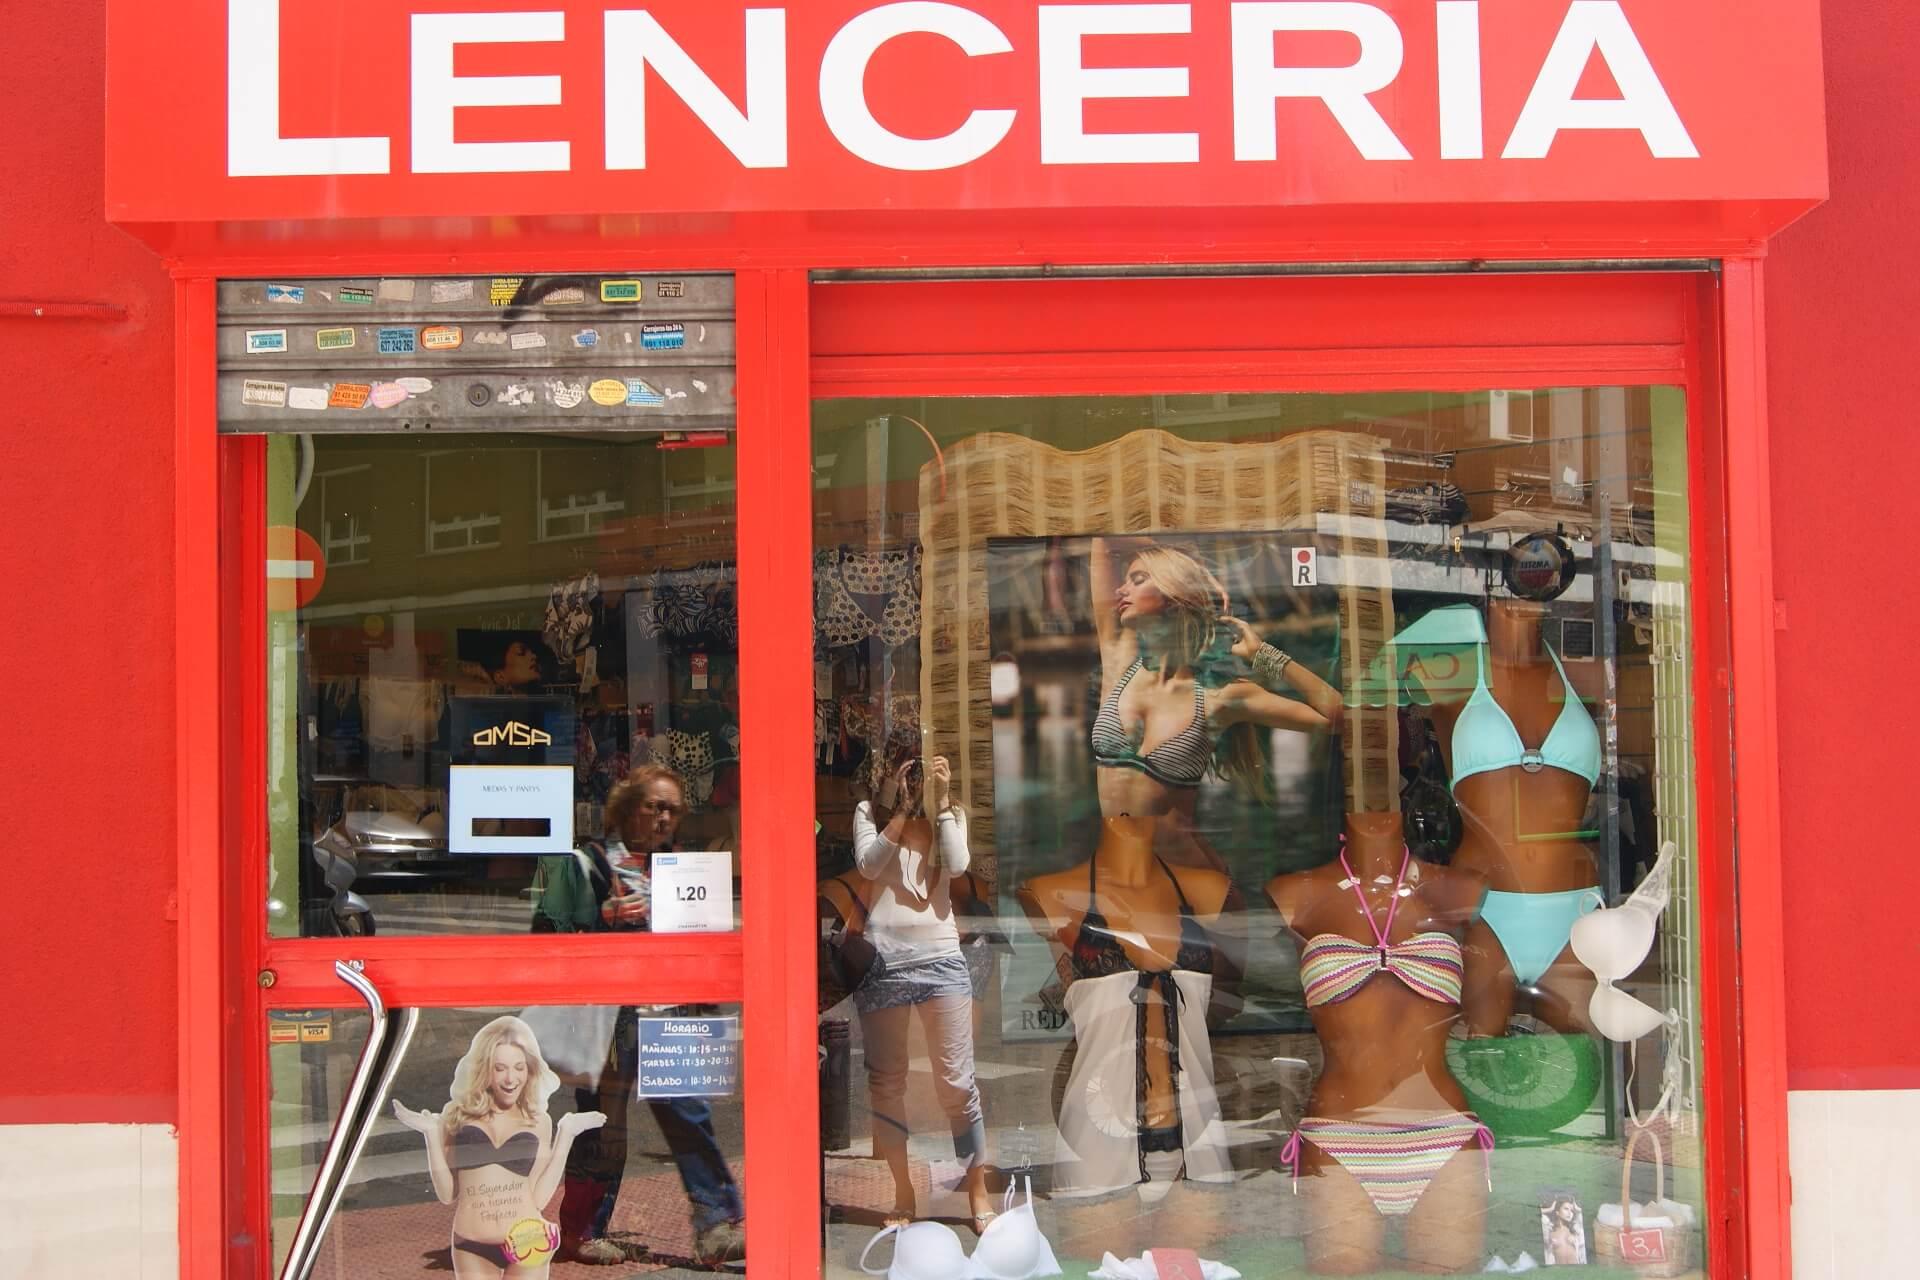 C mo abrir una tienda de lencer a productos de ropa interior for Franquicias de ropa interior